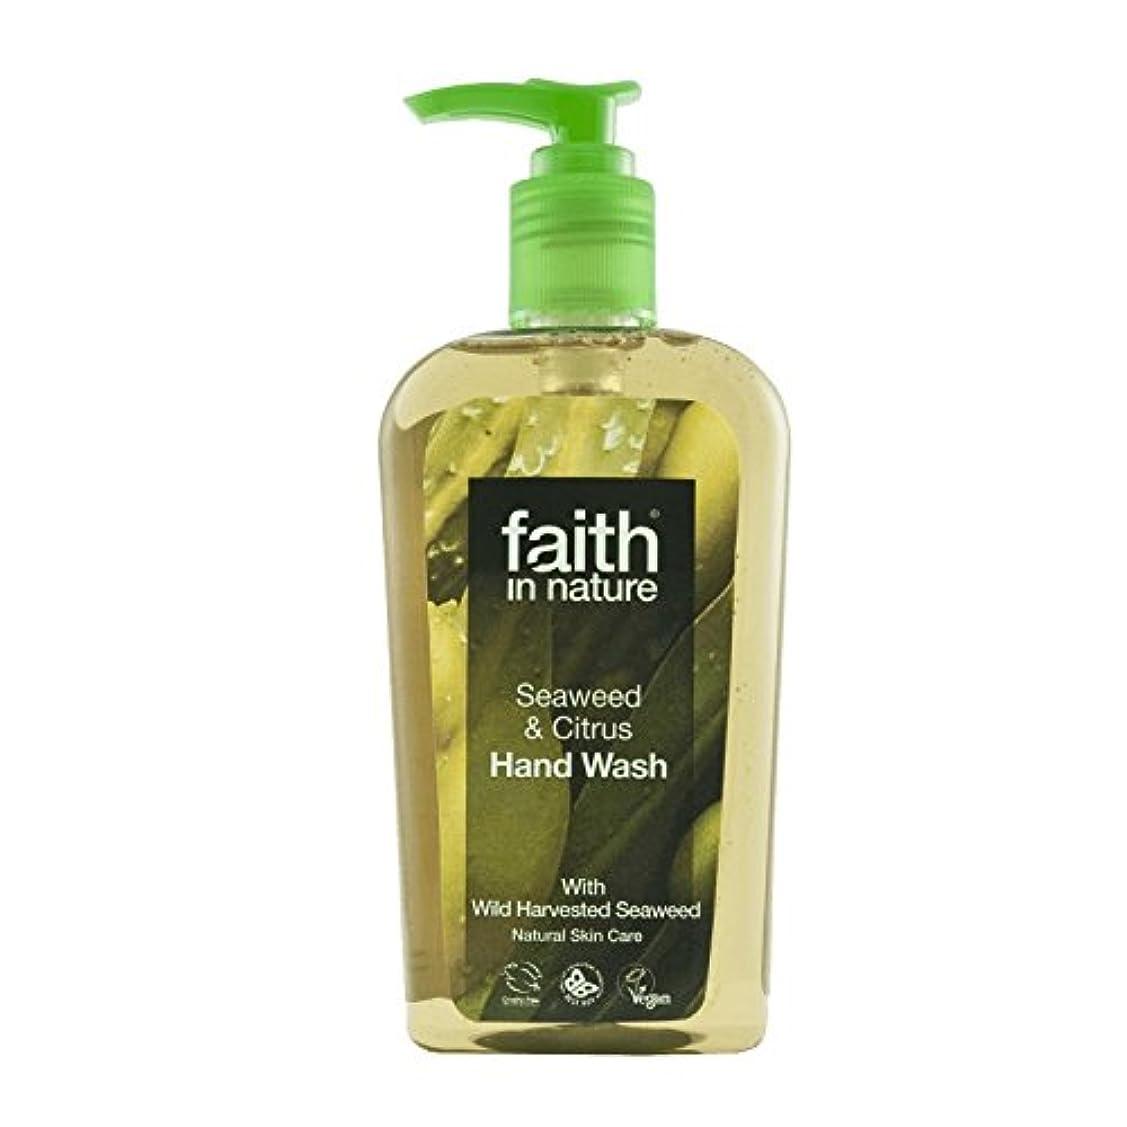 ペッカディロ滝ファシズム自然海藻手洗いの300ミリリットルの信仰 - Faith In Nature Seaweed Handwash 300ml (Faith in Nature) [並行輸入品]